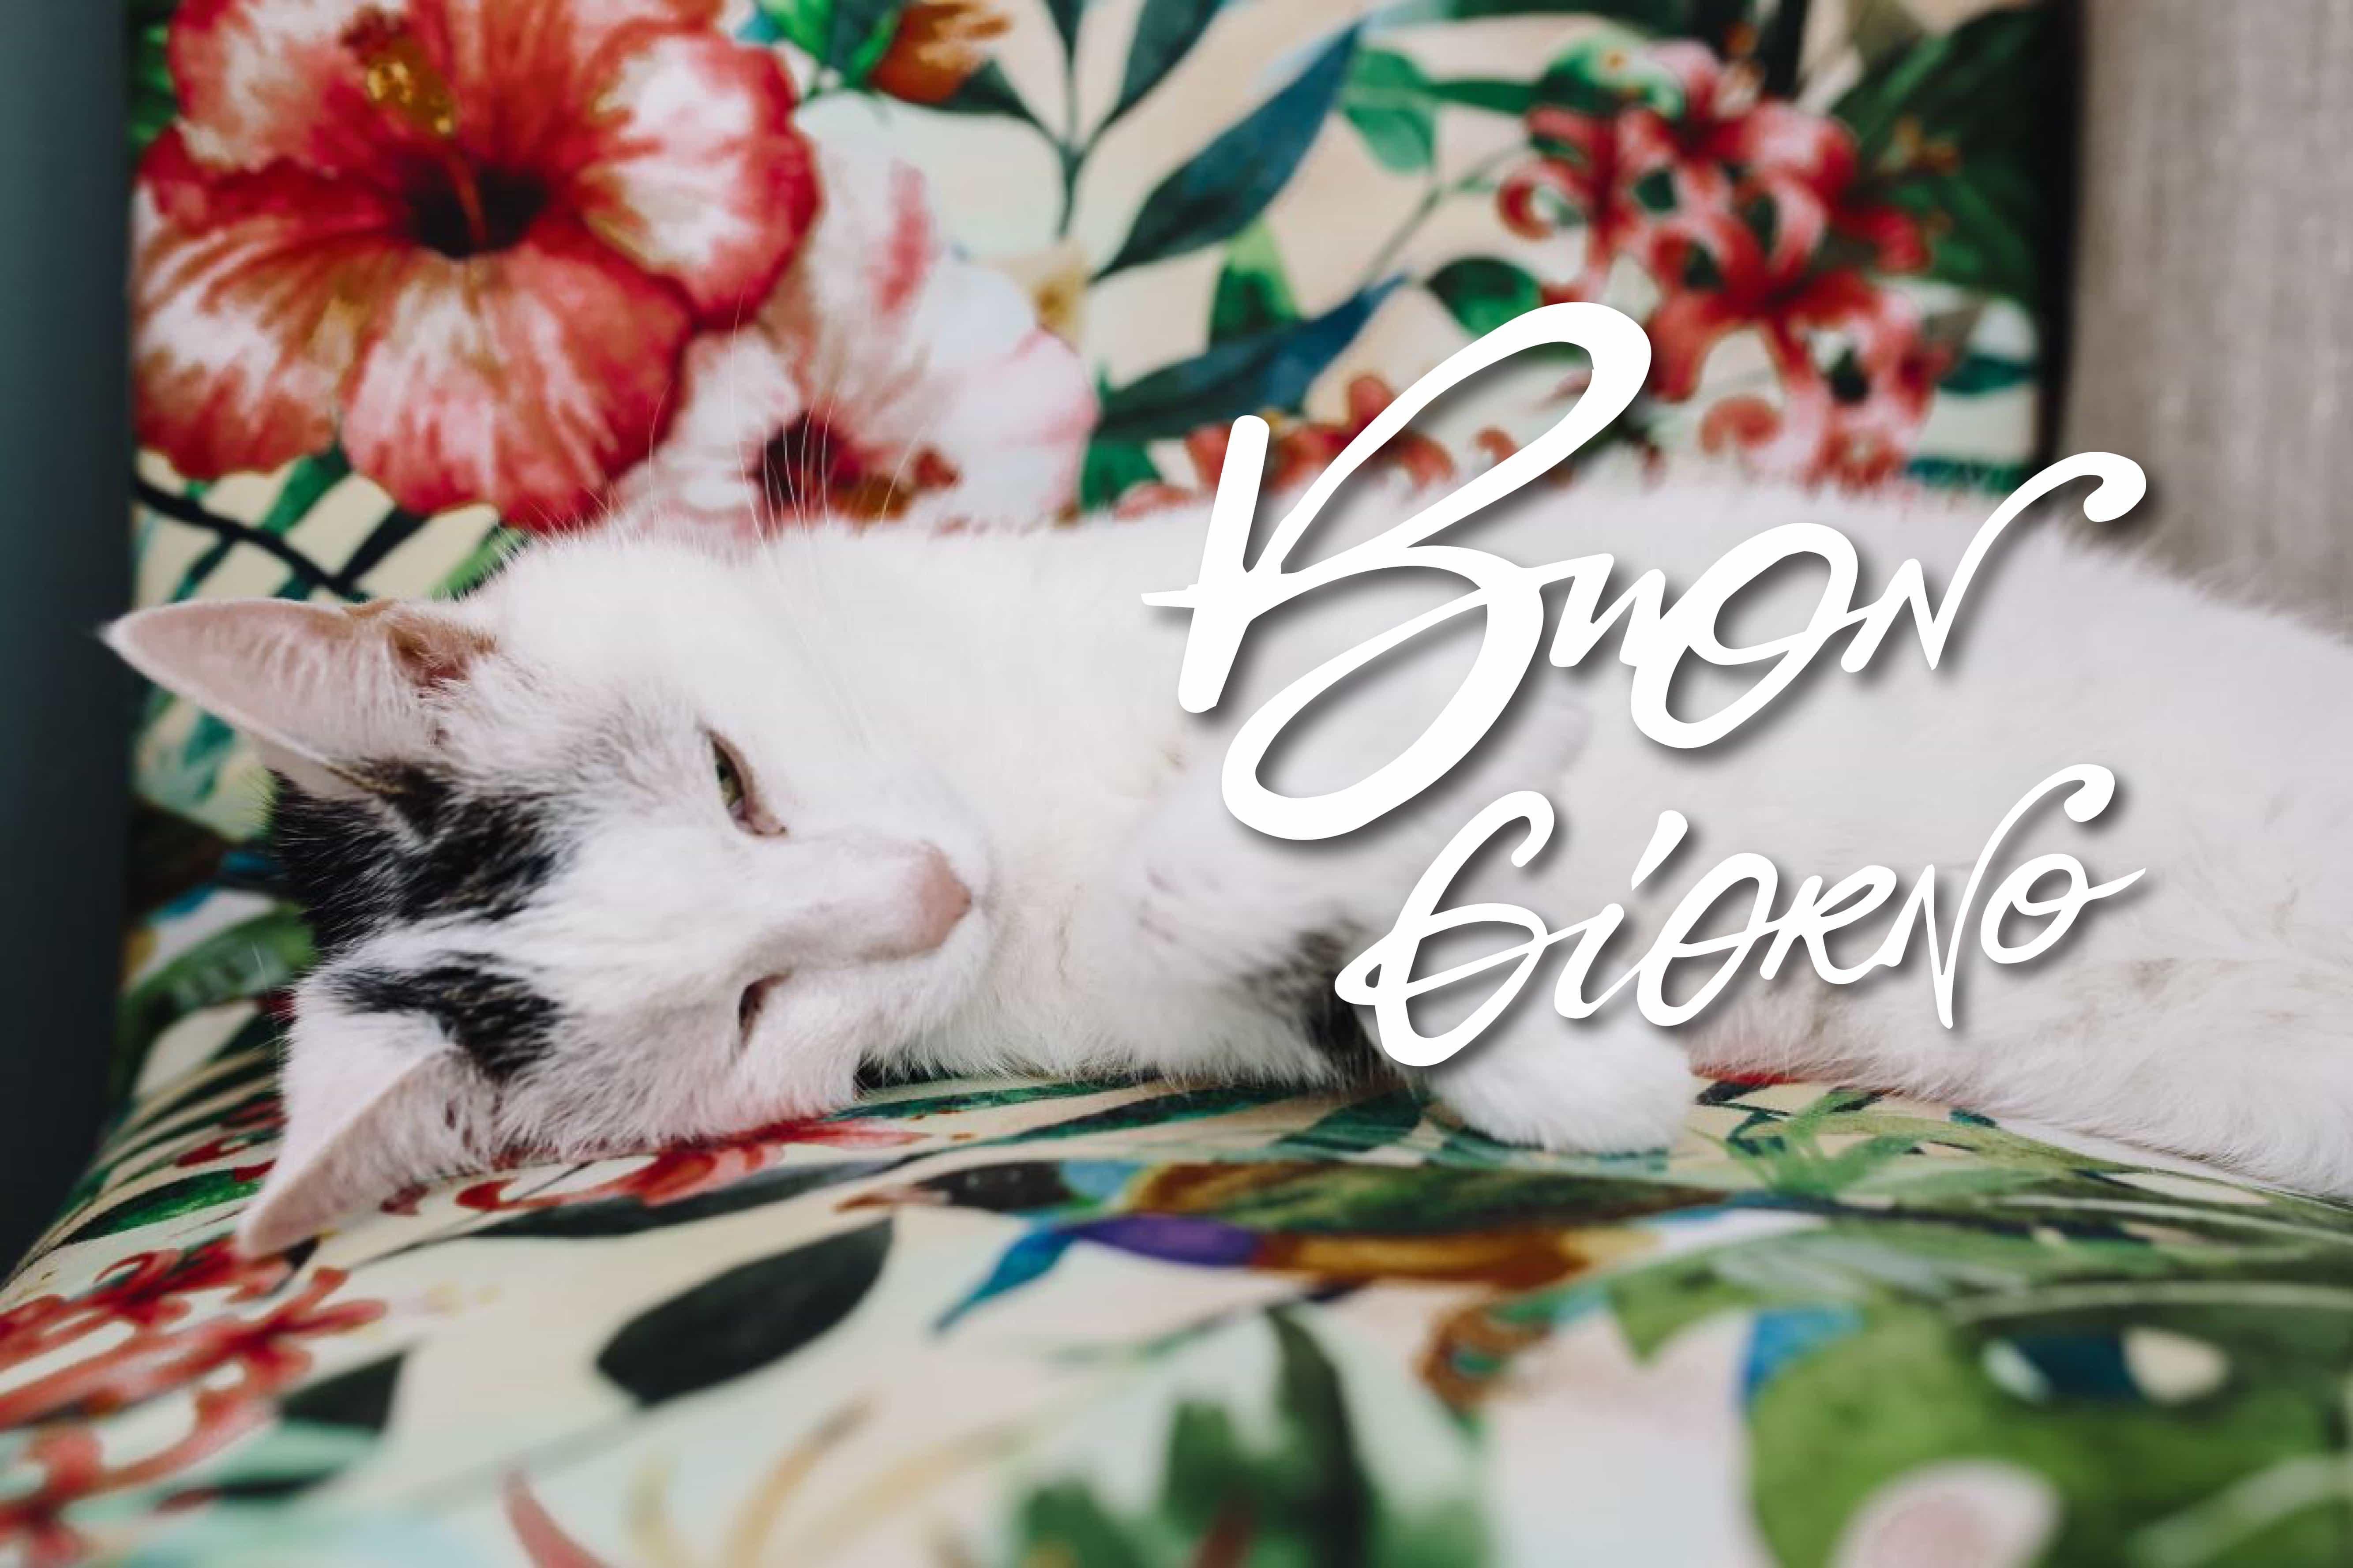 Buongiorno immagine gratis con gatto bello!